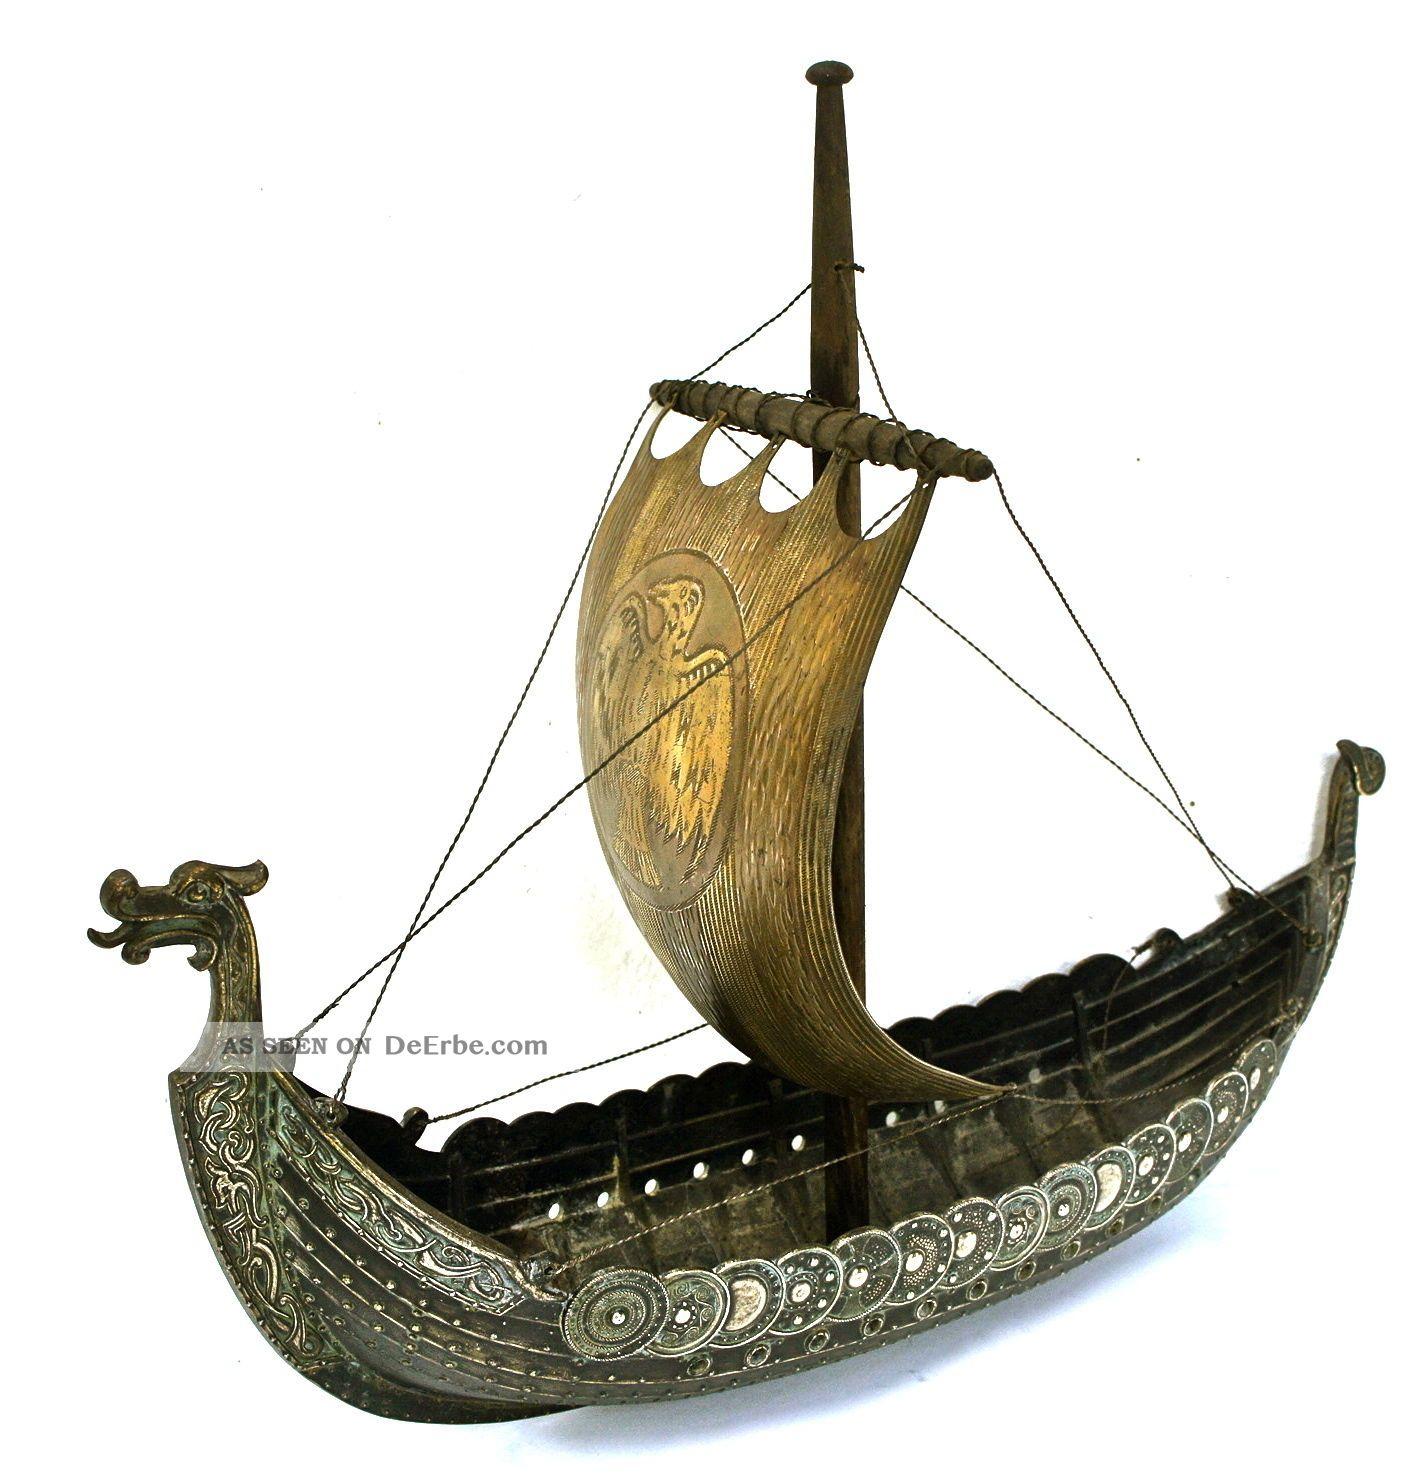 Großes Wikinger - Schiff - Modell Aus Bronze, Auf bestimmt für Modell Wikingerschiff